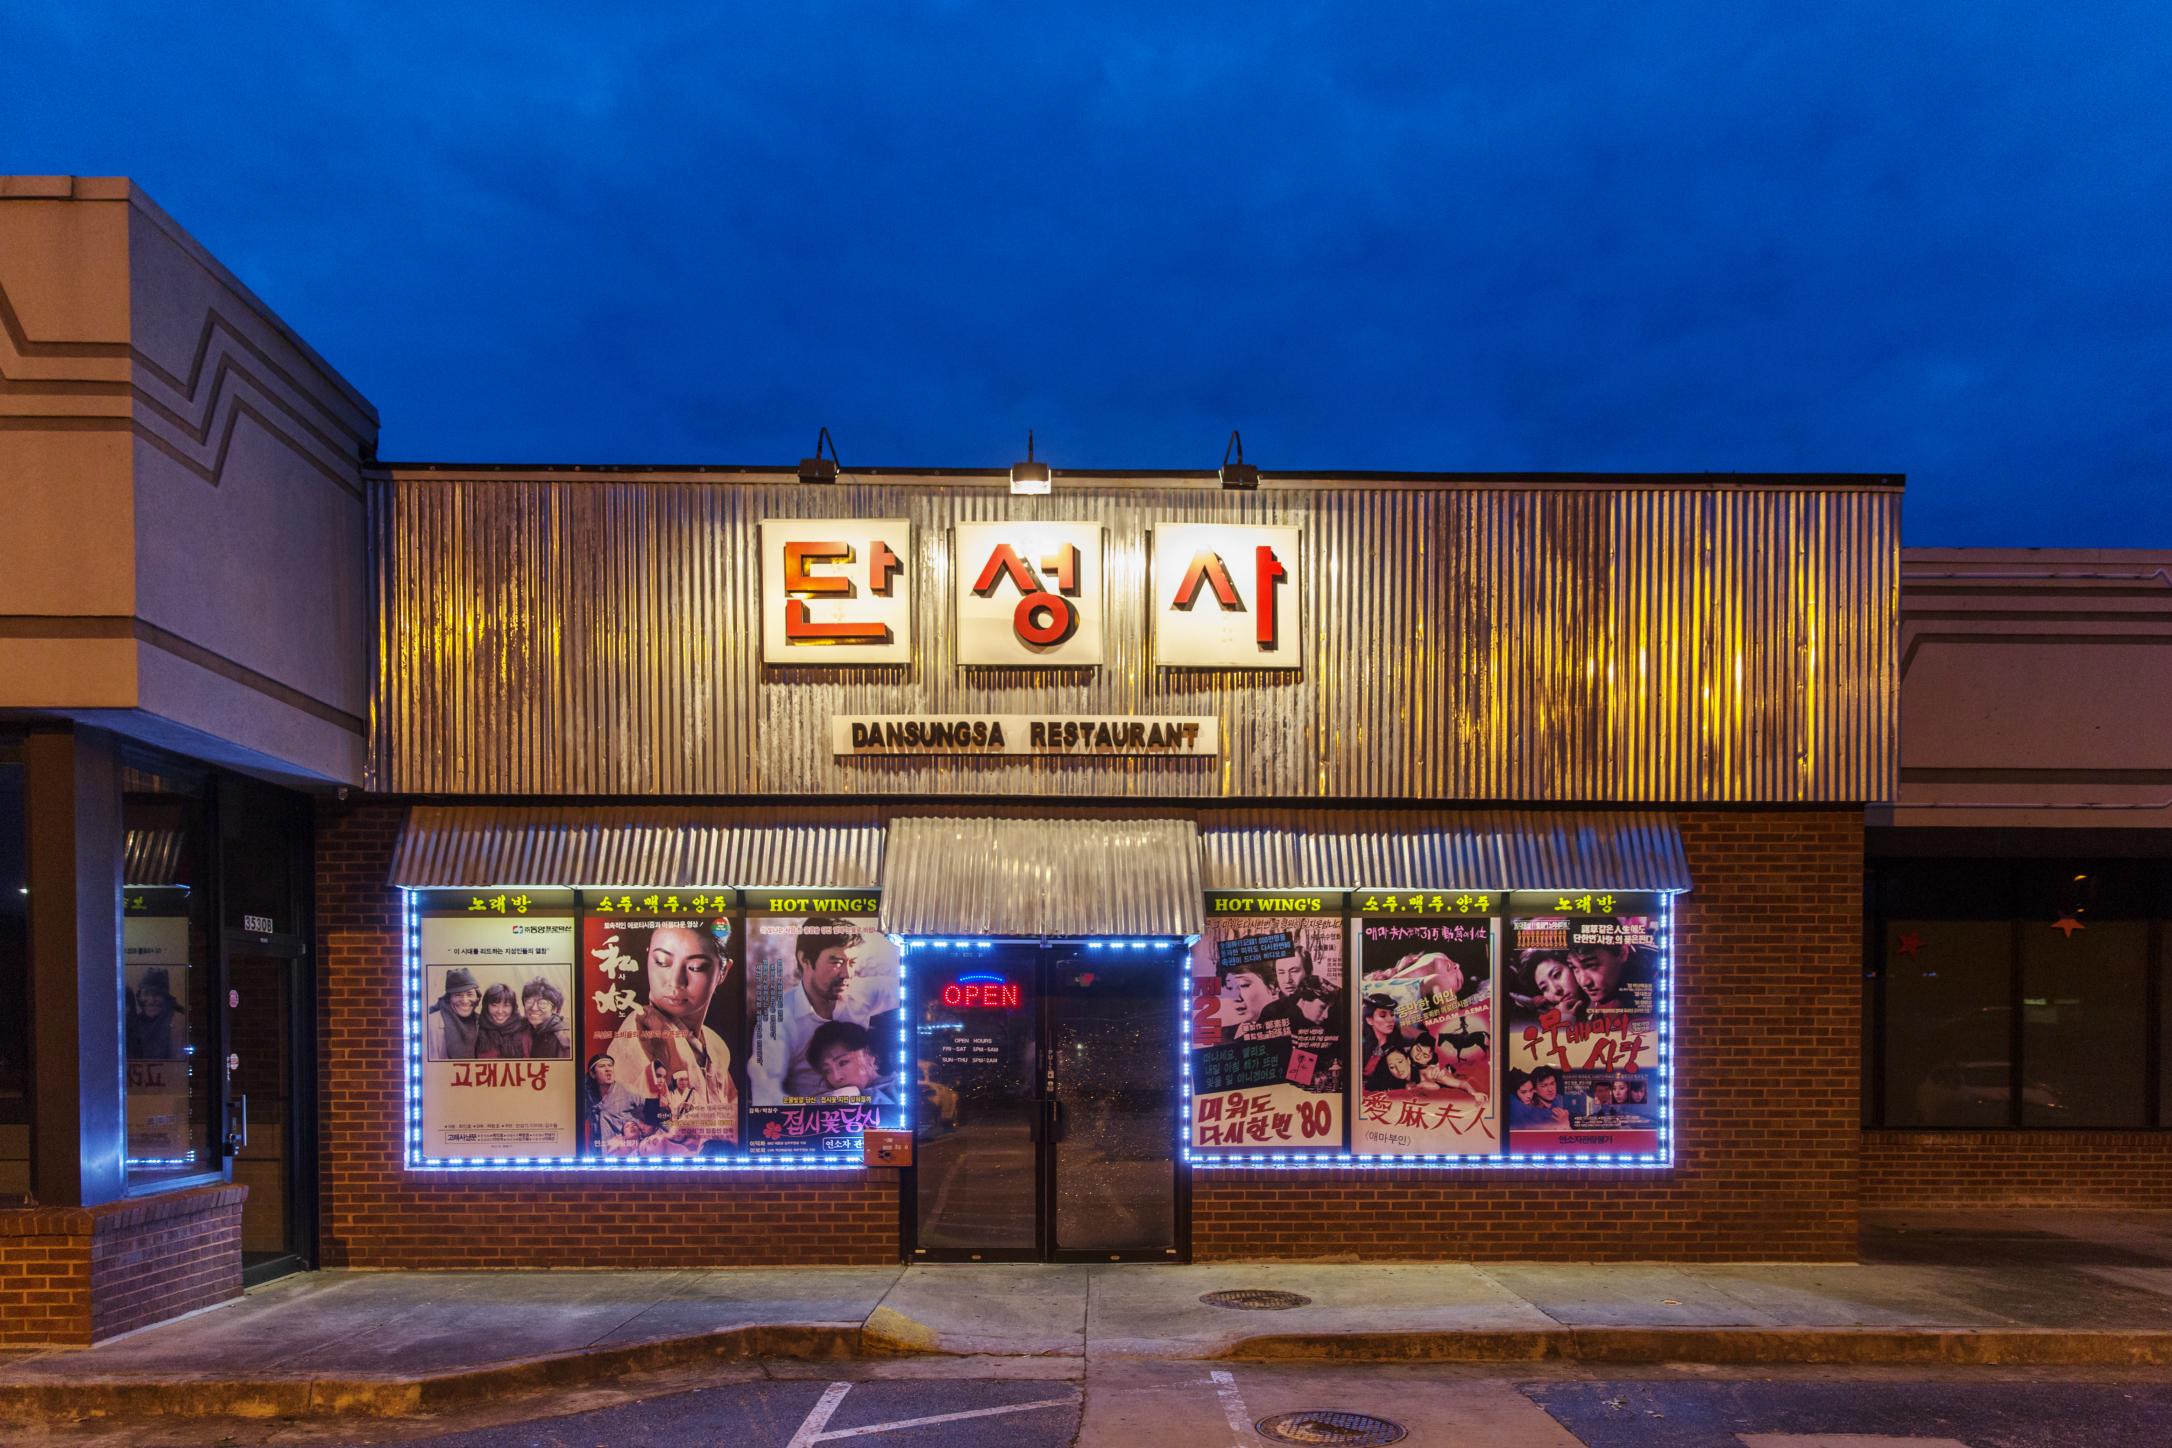 Dan Sung Sa restaurant in Duluth, GA